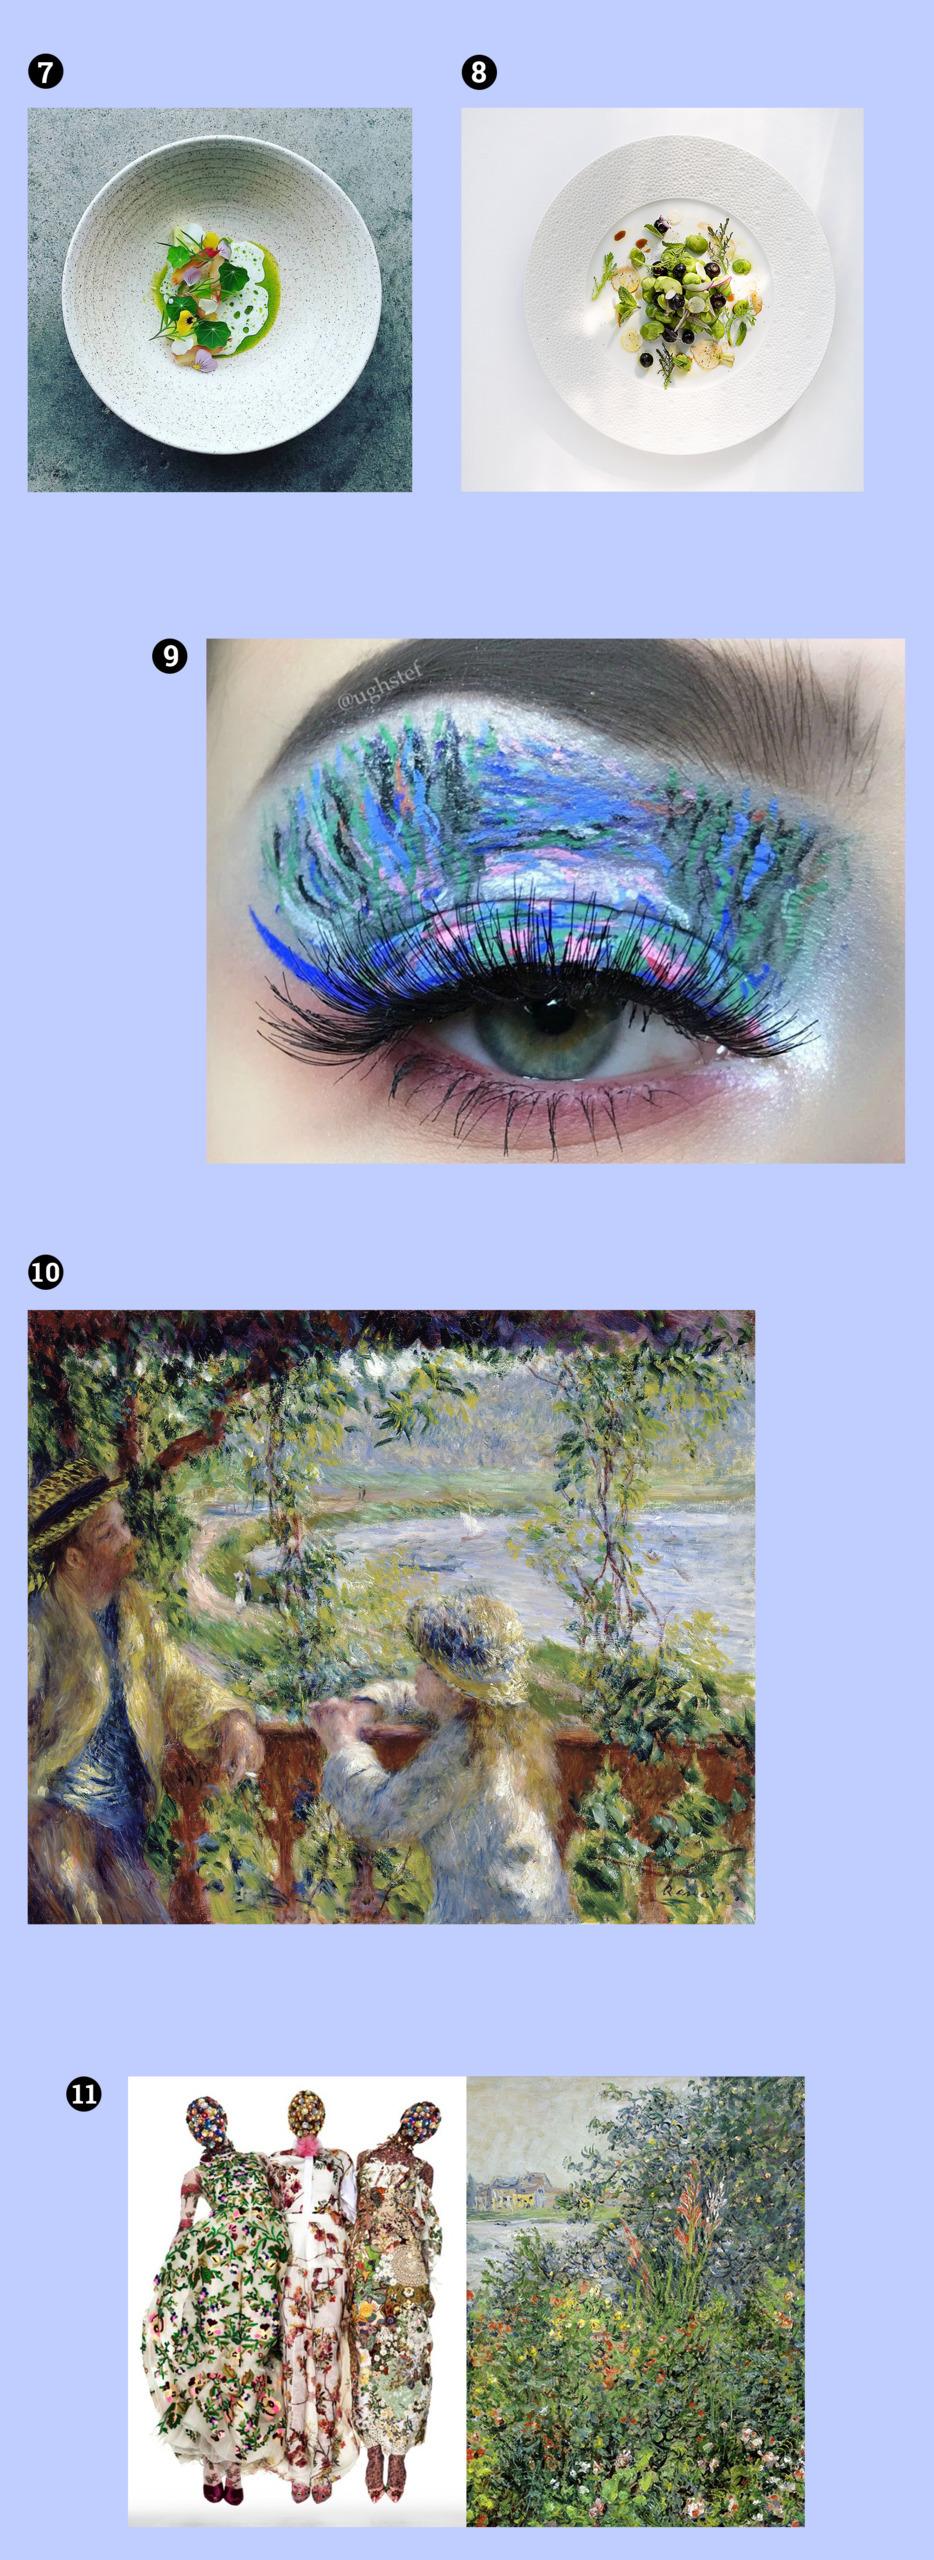 Obraz przedstawia fotografie na niebieskim tle. Widzimy oko z mocnym makijażem, dwa talerze z potrawami sfotografowane z lotu ptaka, obrazy znanego artysty, trzy modelki.